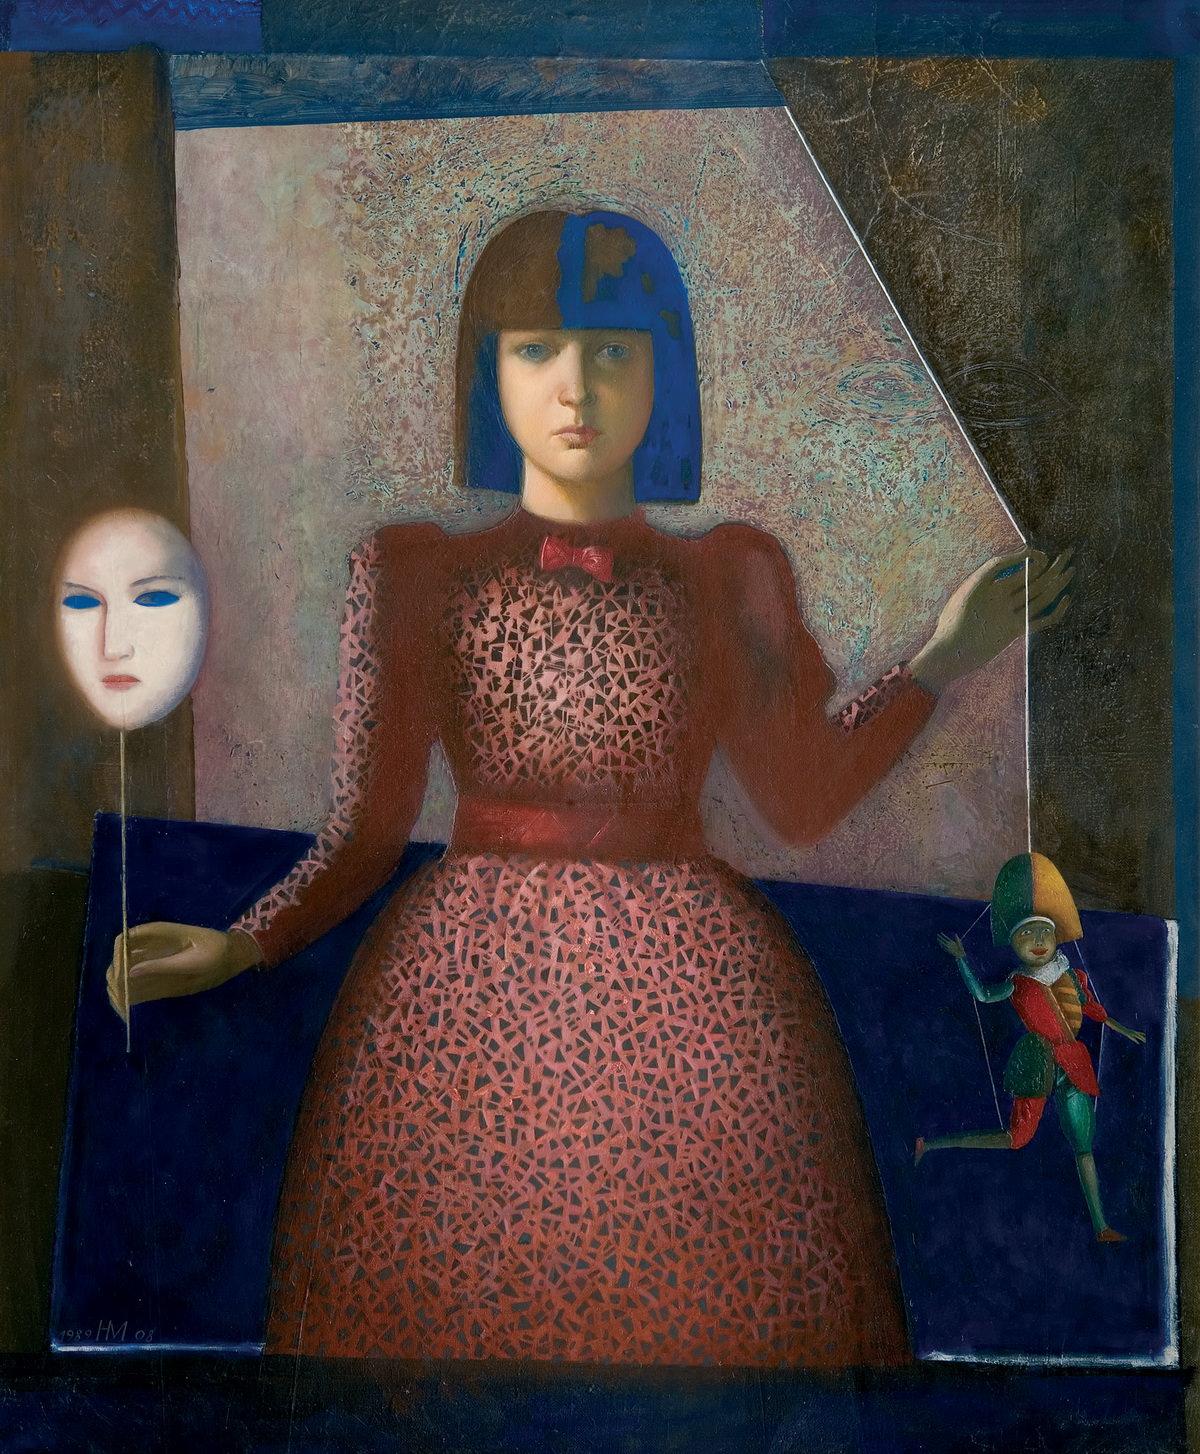 Н. Медведев. Портрет Лизы с маской. 1989–2008. Холст, масло